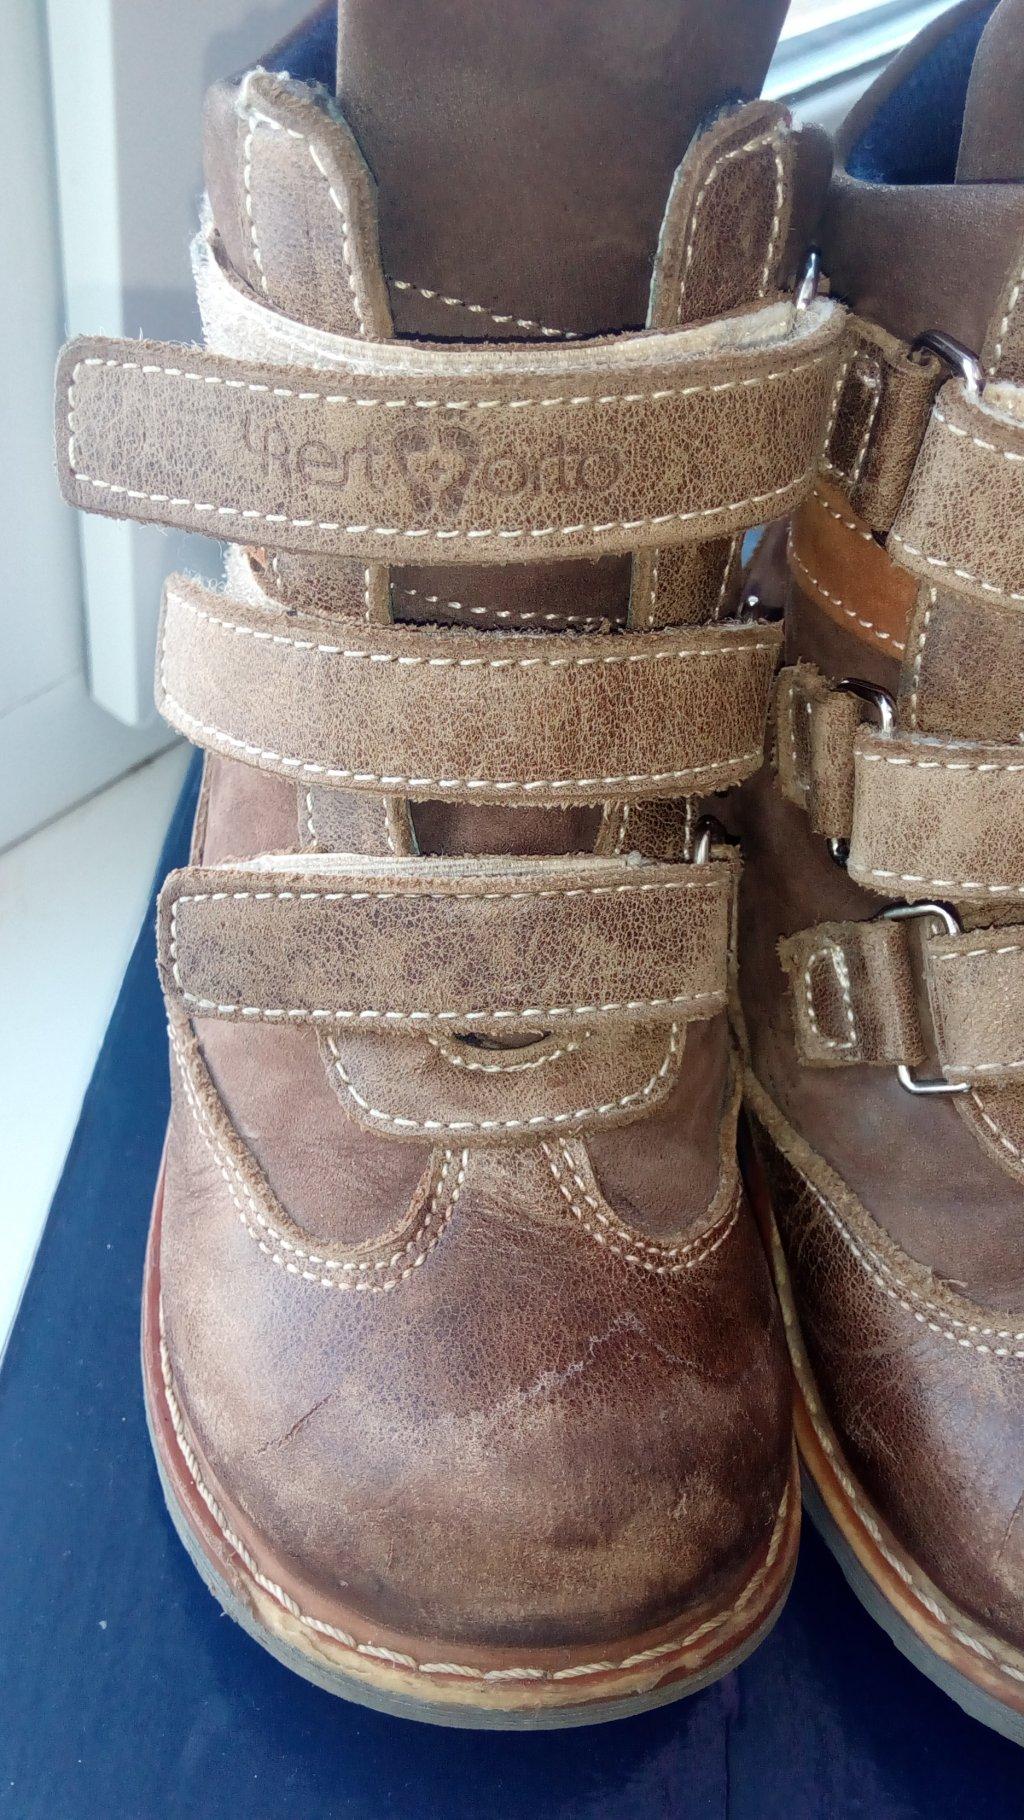 726c554a0 ... Детская обувь 4Rest-Orto - Испорченное впечатление и выброшенные деньги  ...